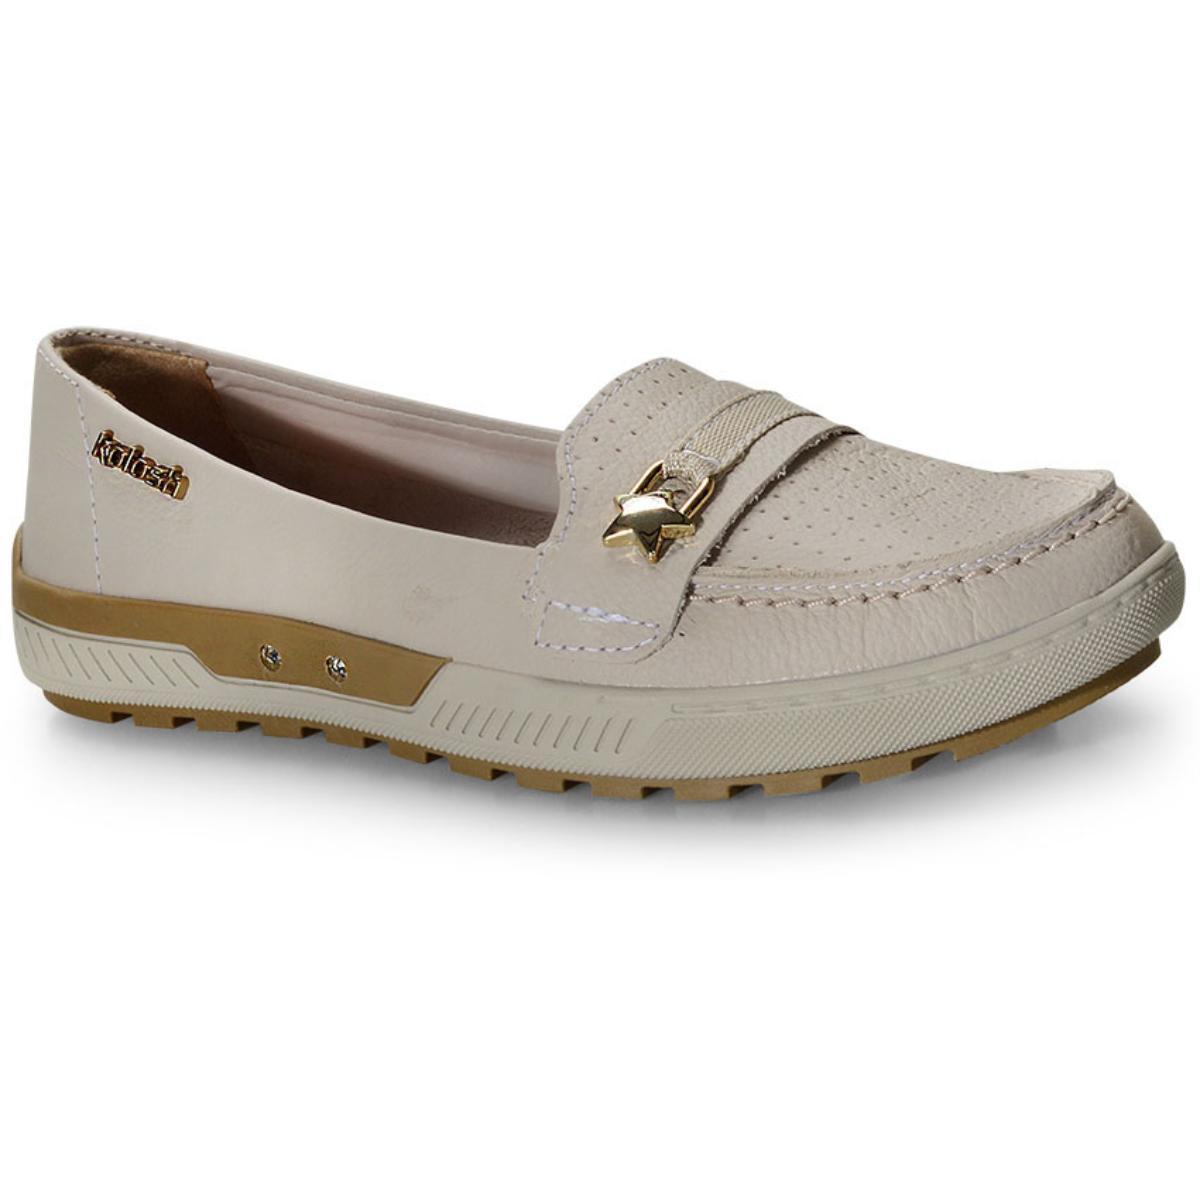 Sapato Feminino Kolosh C1903 Fibra